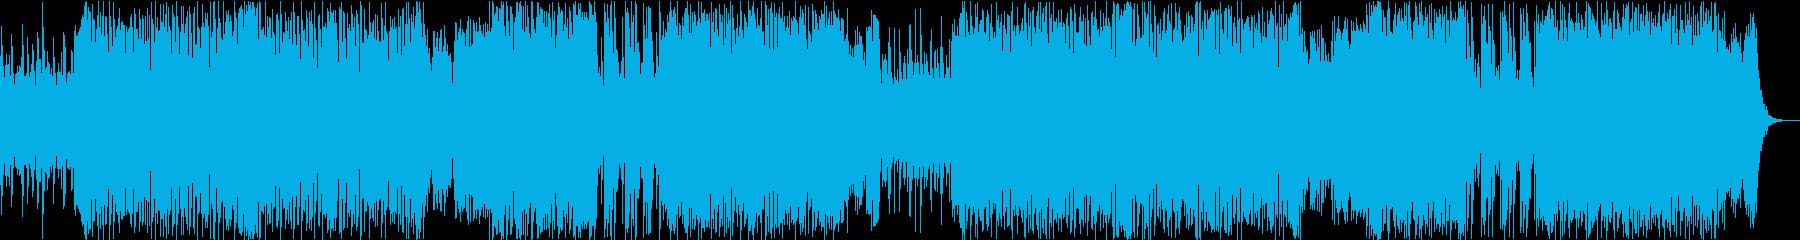 シネマティックで壮大なループオーケストラの再生済みの波形